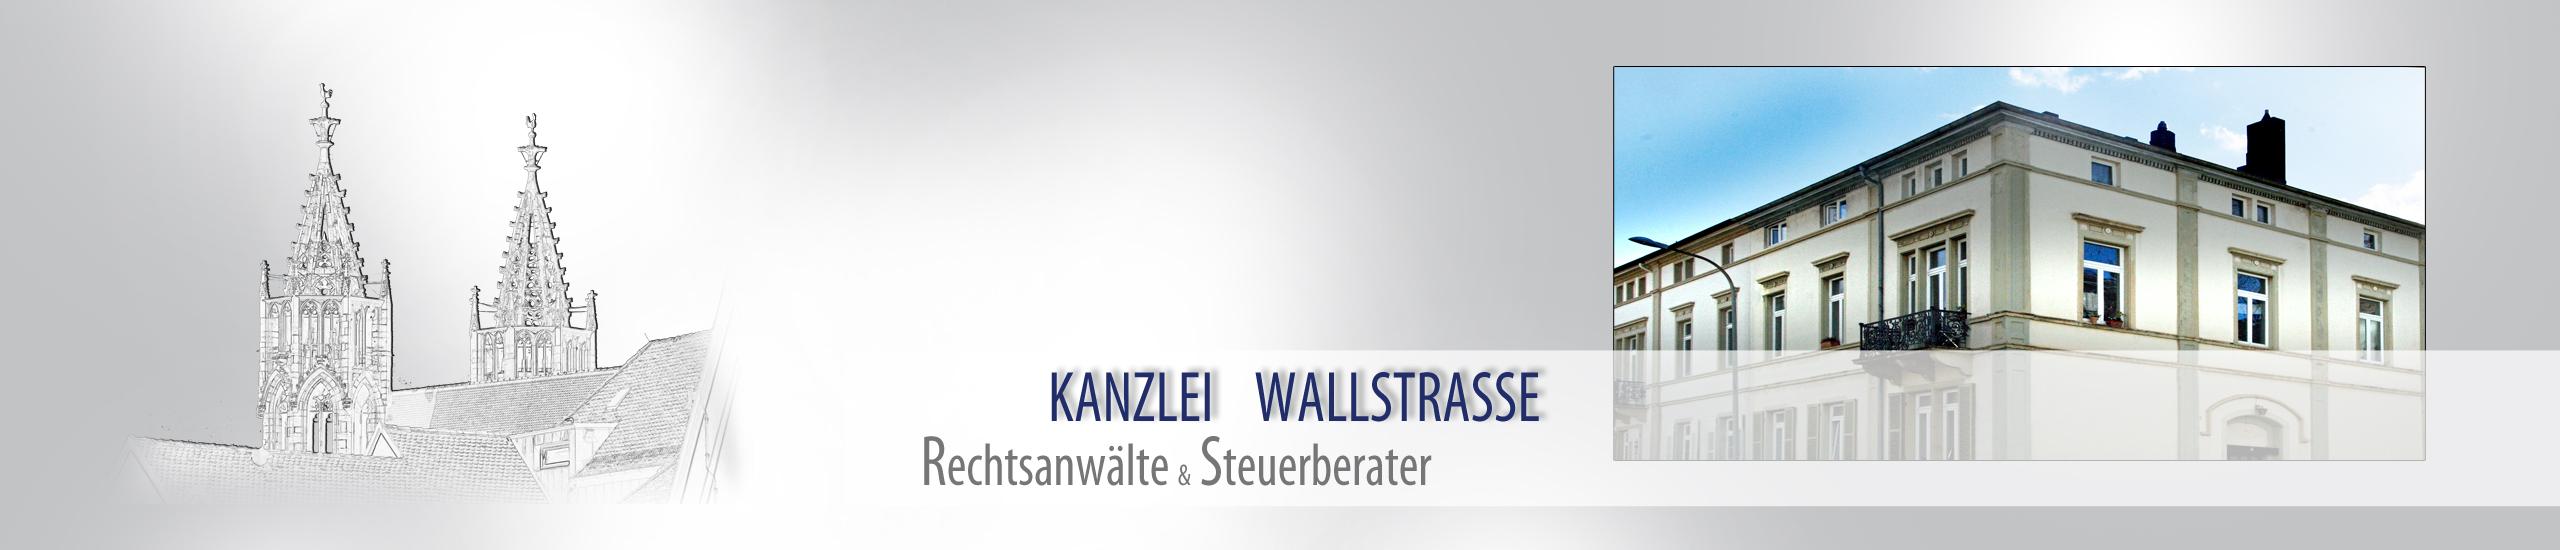 Kanzlei Wallstrasse